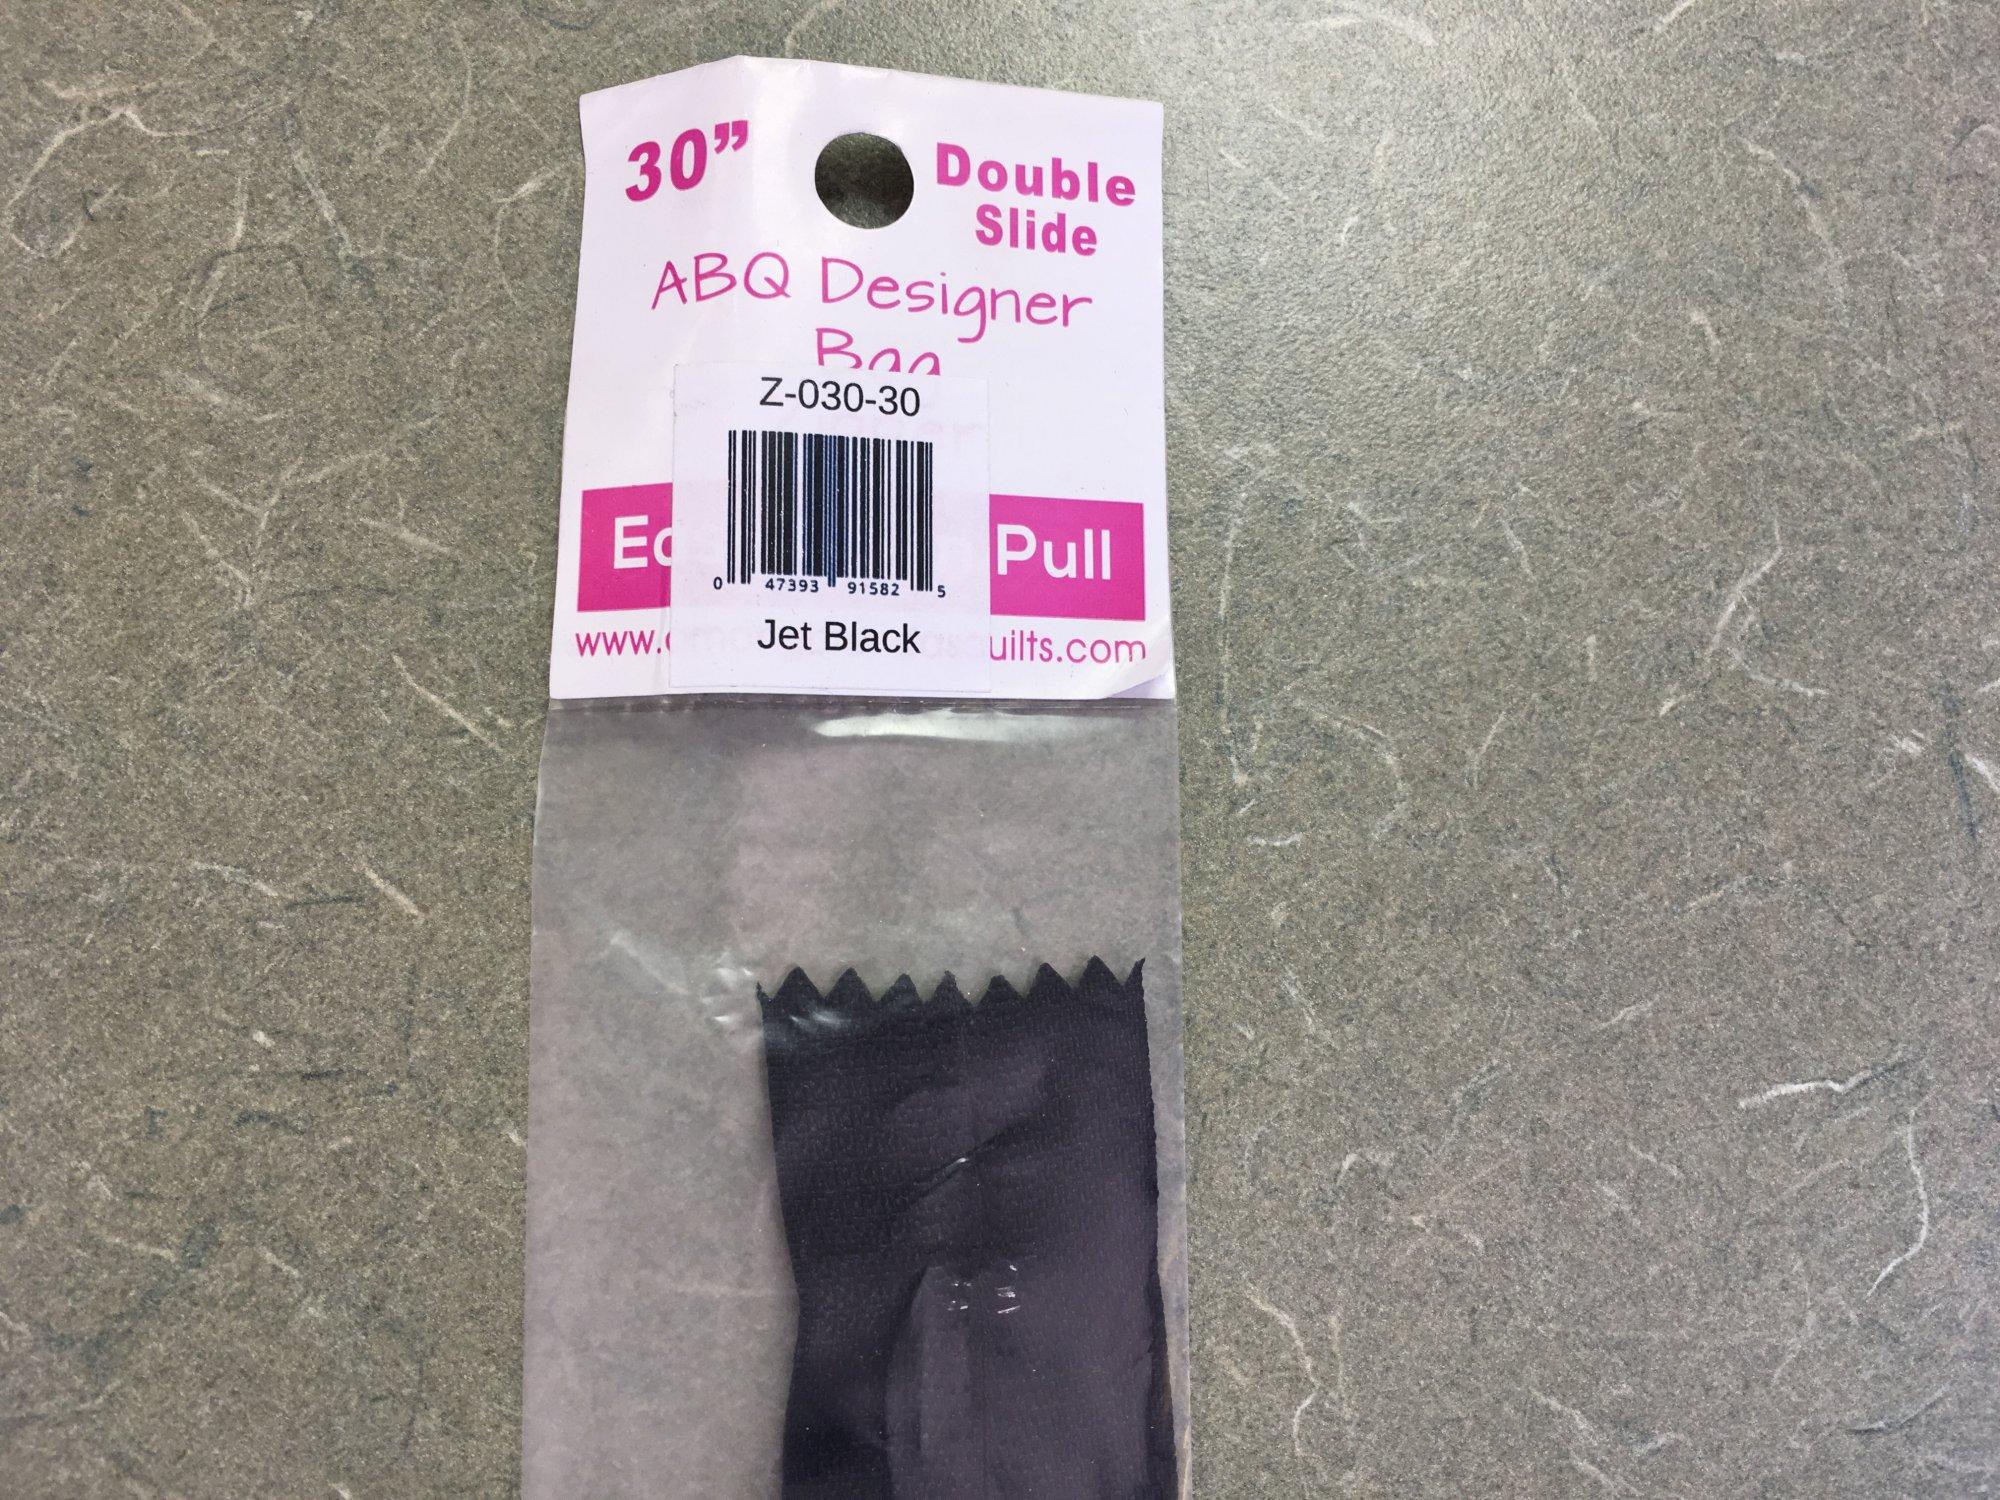 30 inch Double Slide ABQ Designer Bag Zipper Jet Black